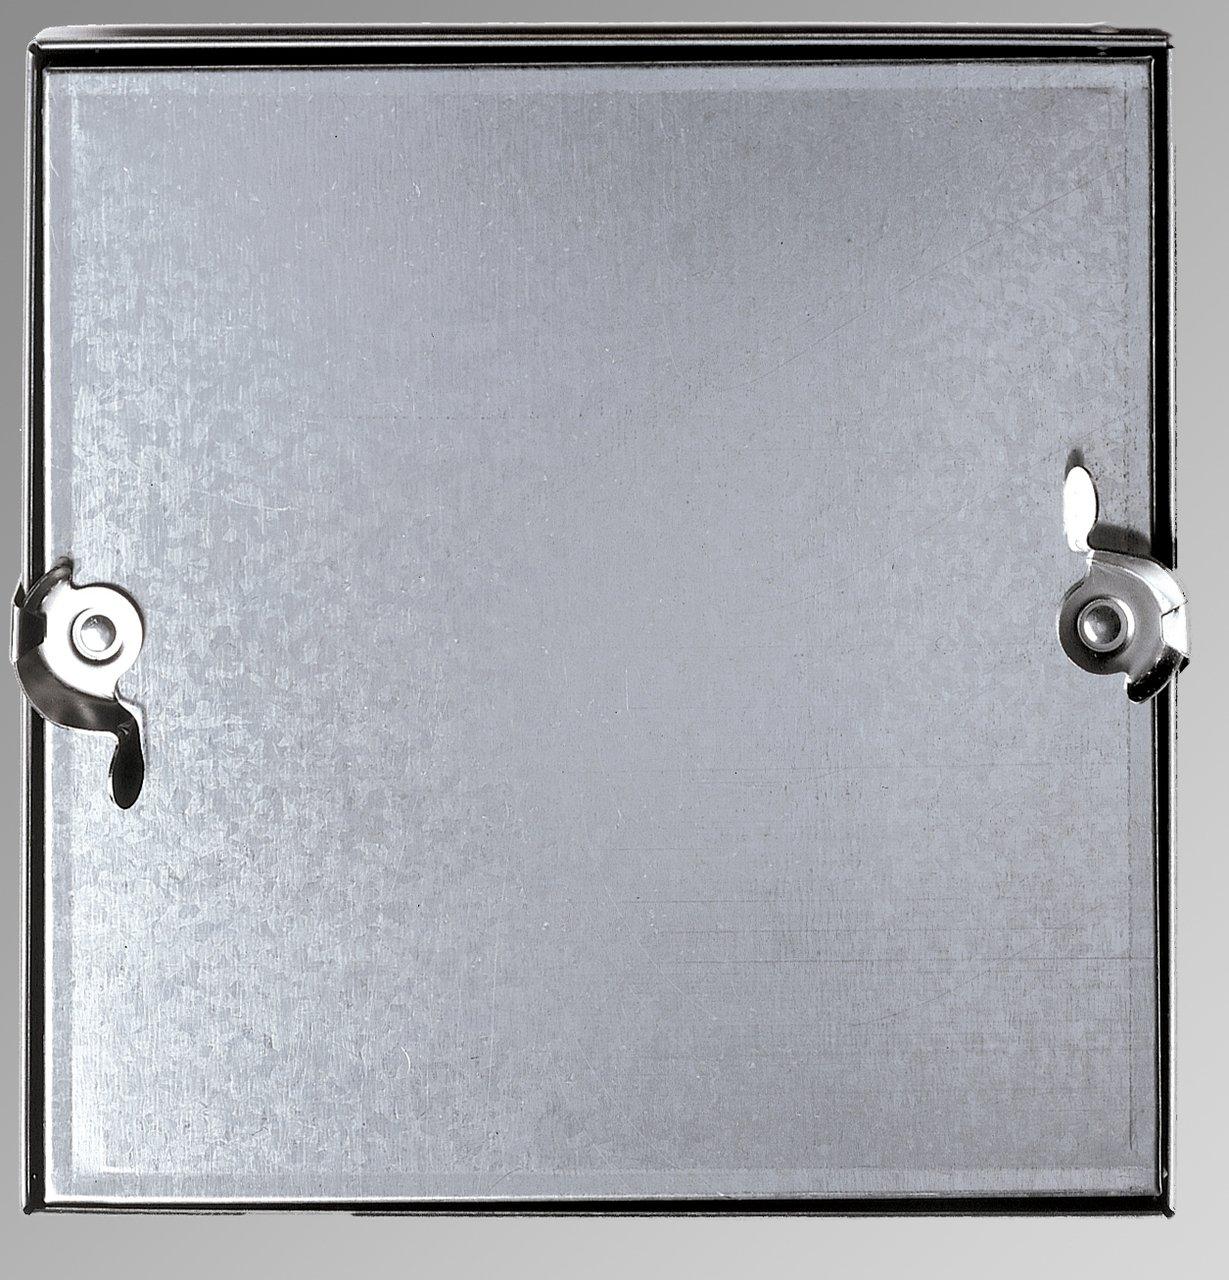 Acudor�CD-5080�Duct Access Door 24 x 24